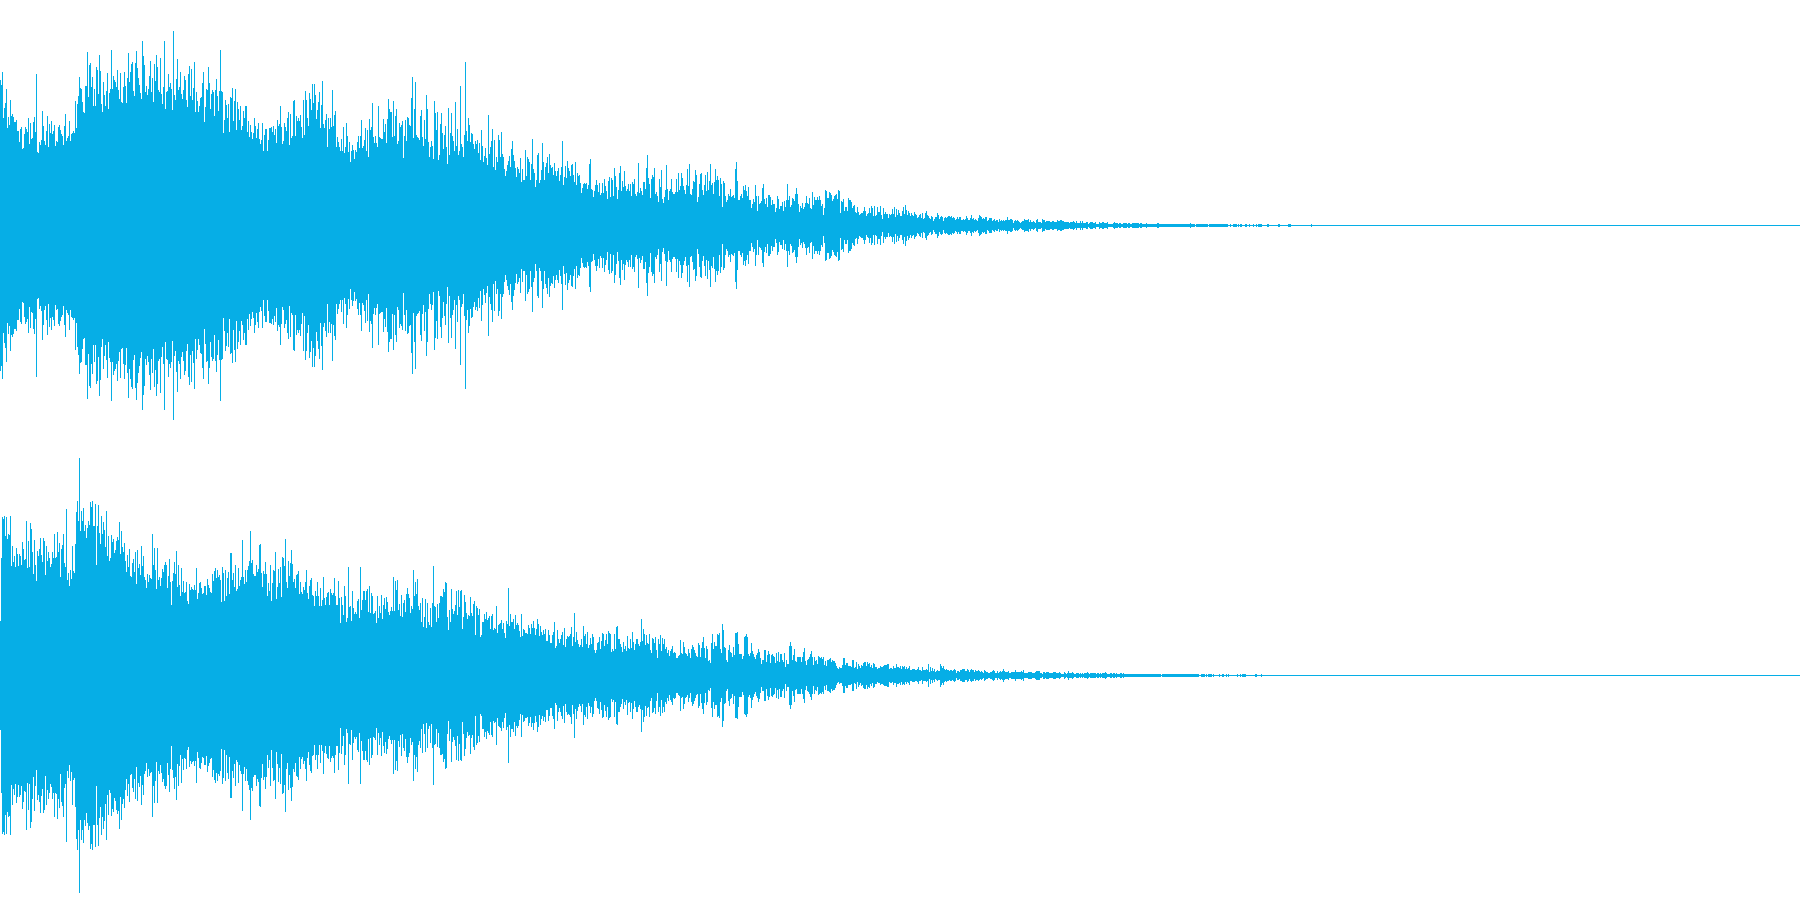 Dark_Sweepdown-09の再生済みの波形